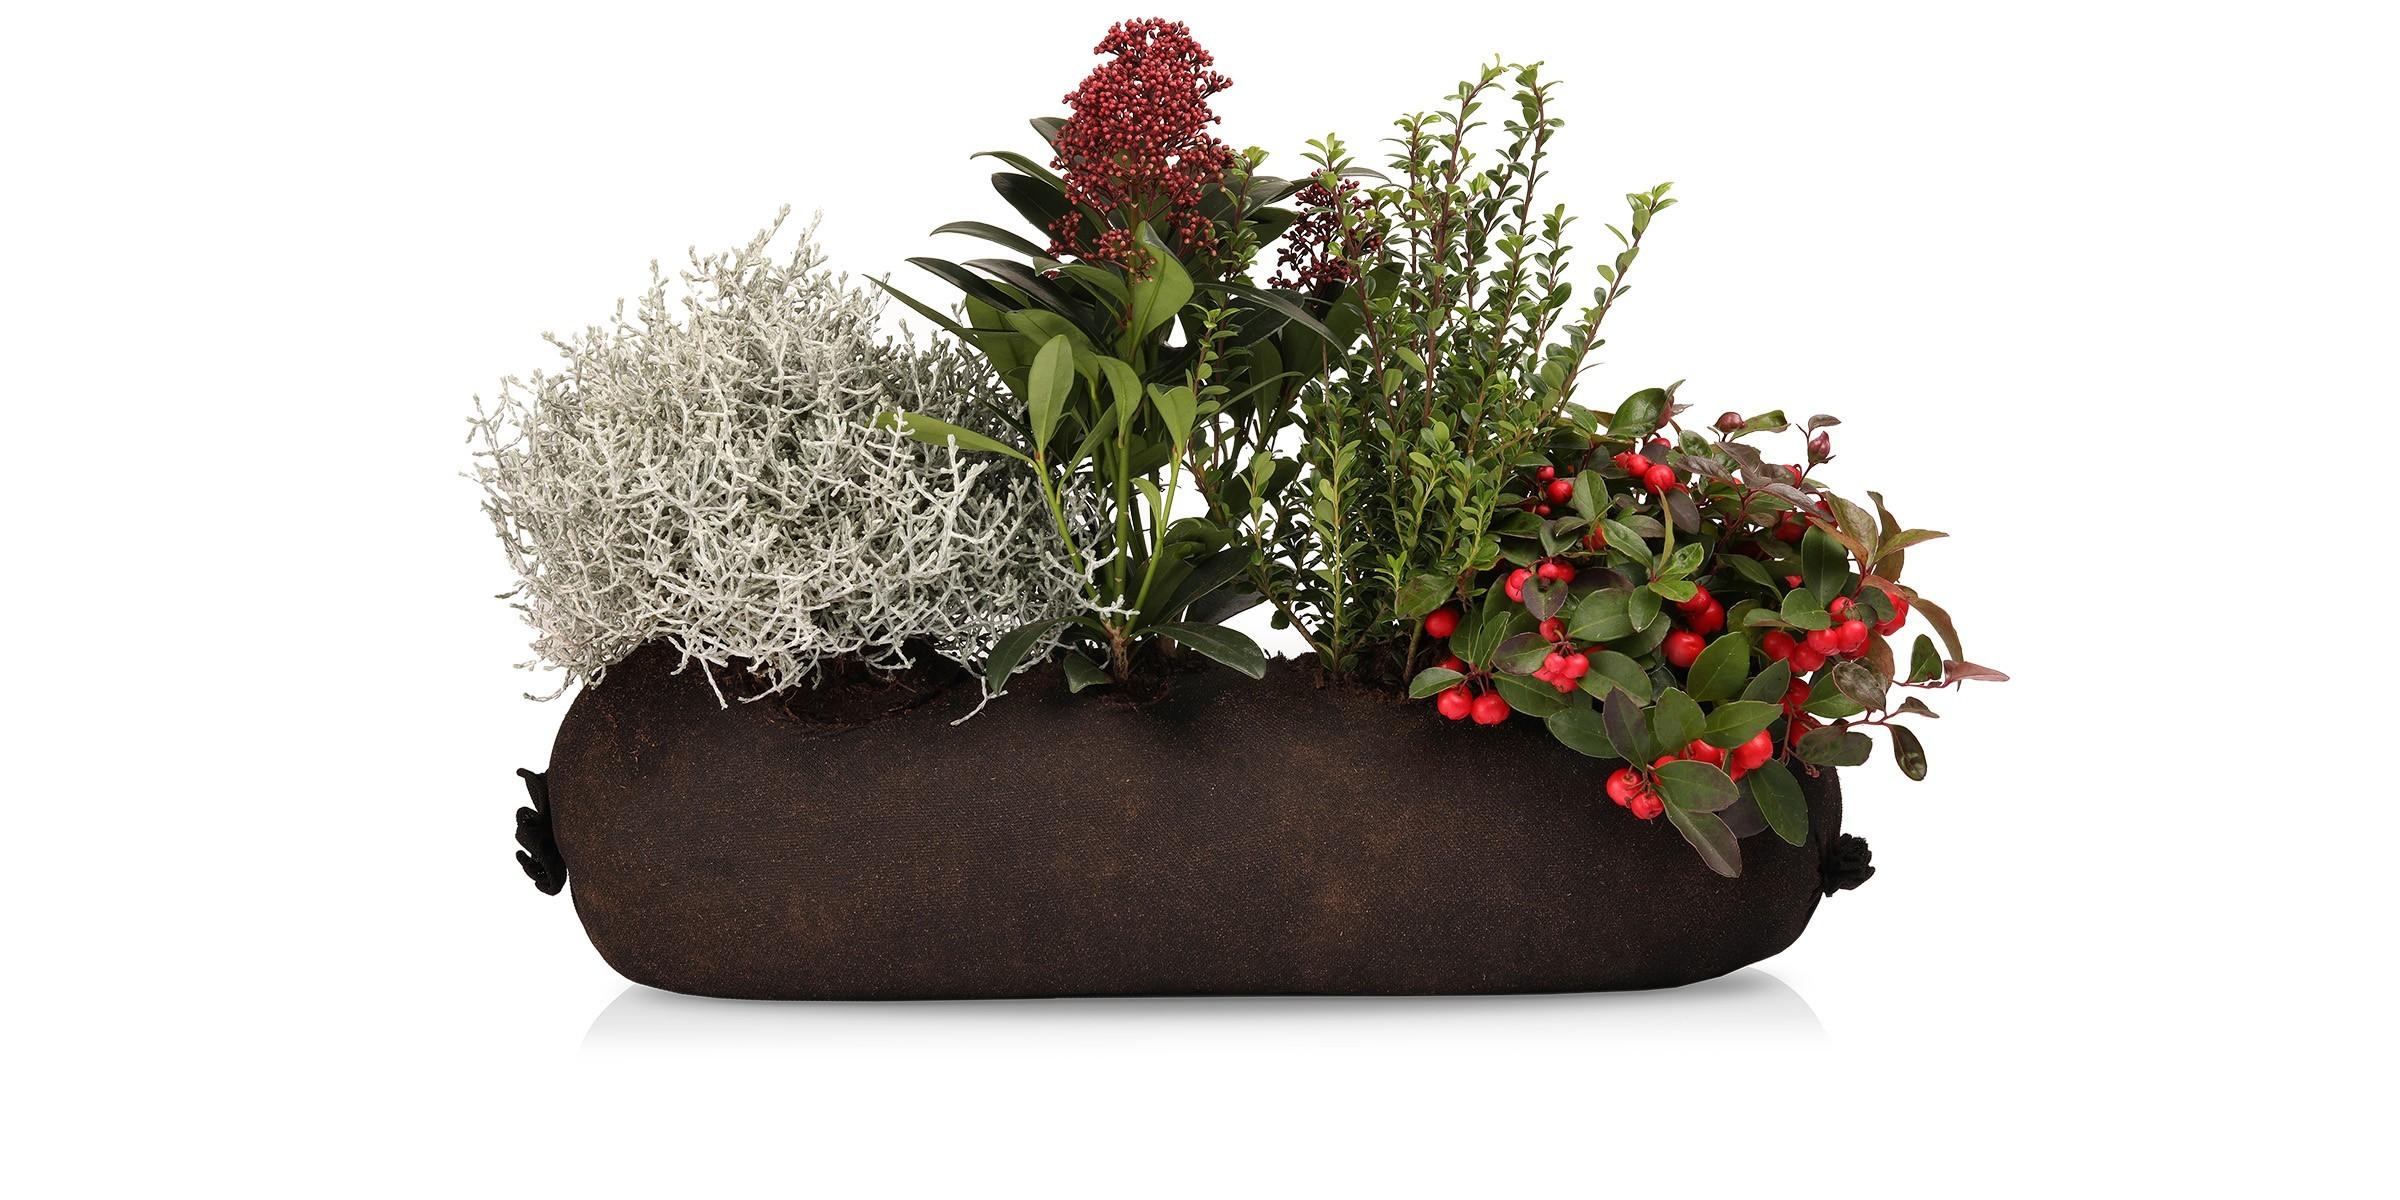 Für den balkon winterpflanzen winterharte Balkonpflanzen